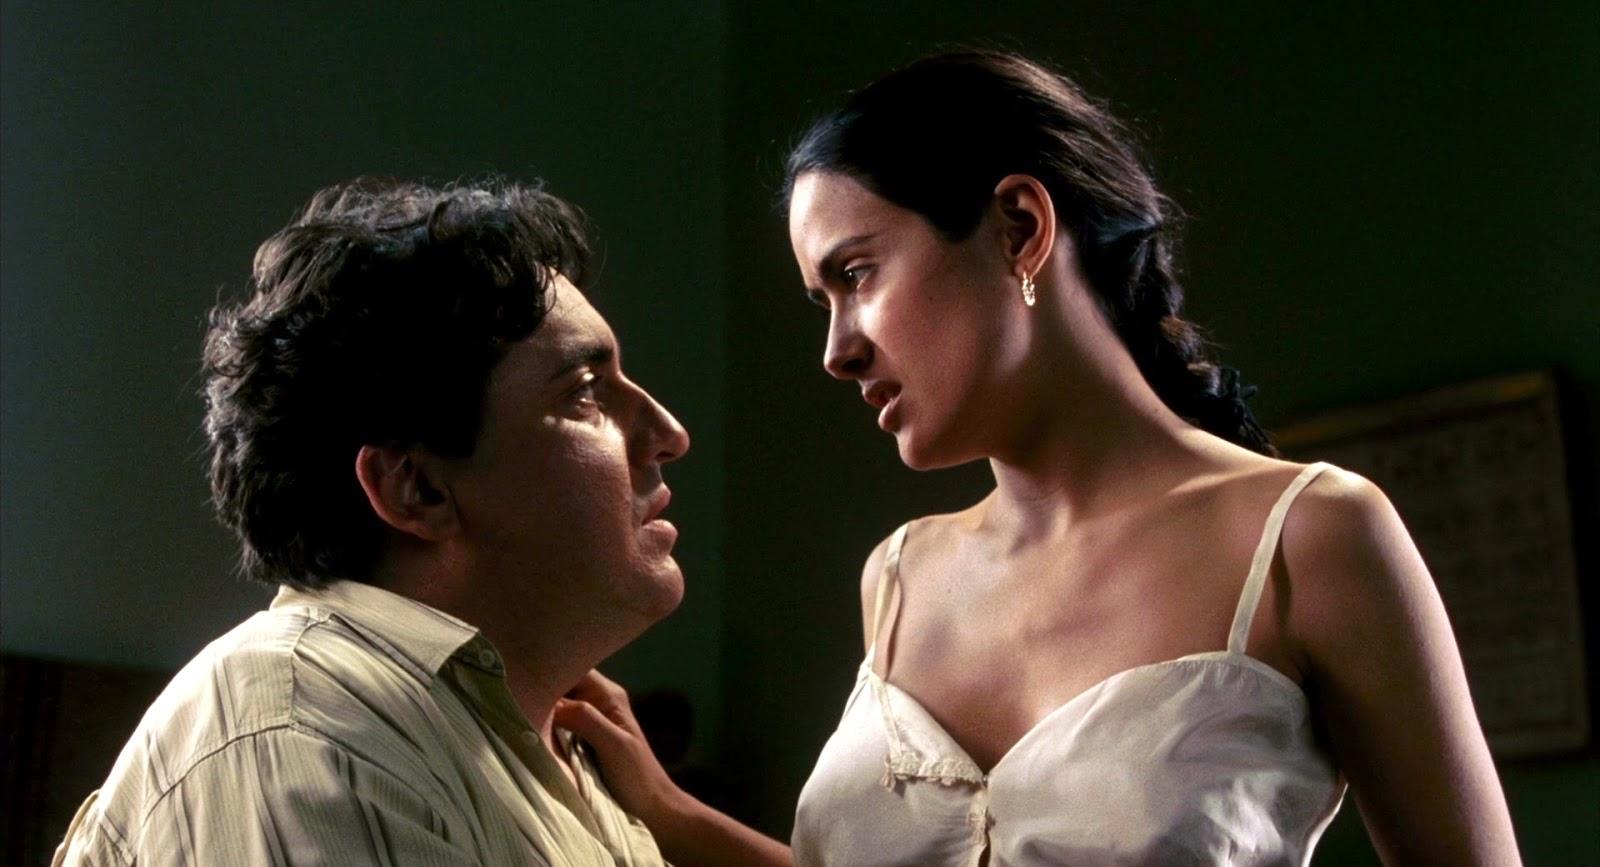 Frida kahlo sex scene